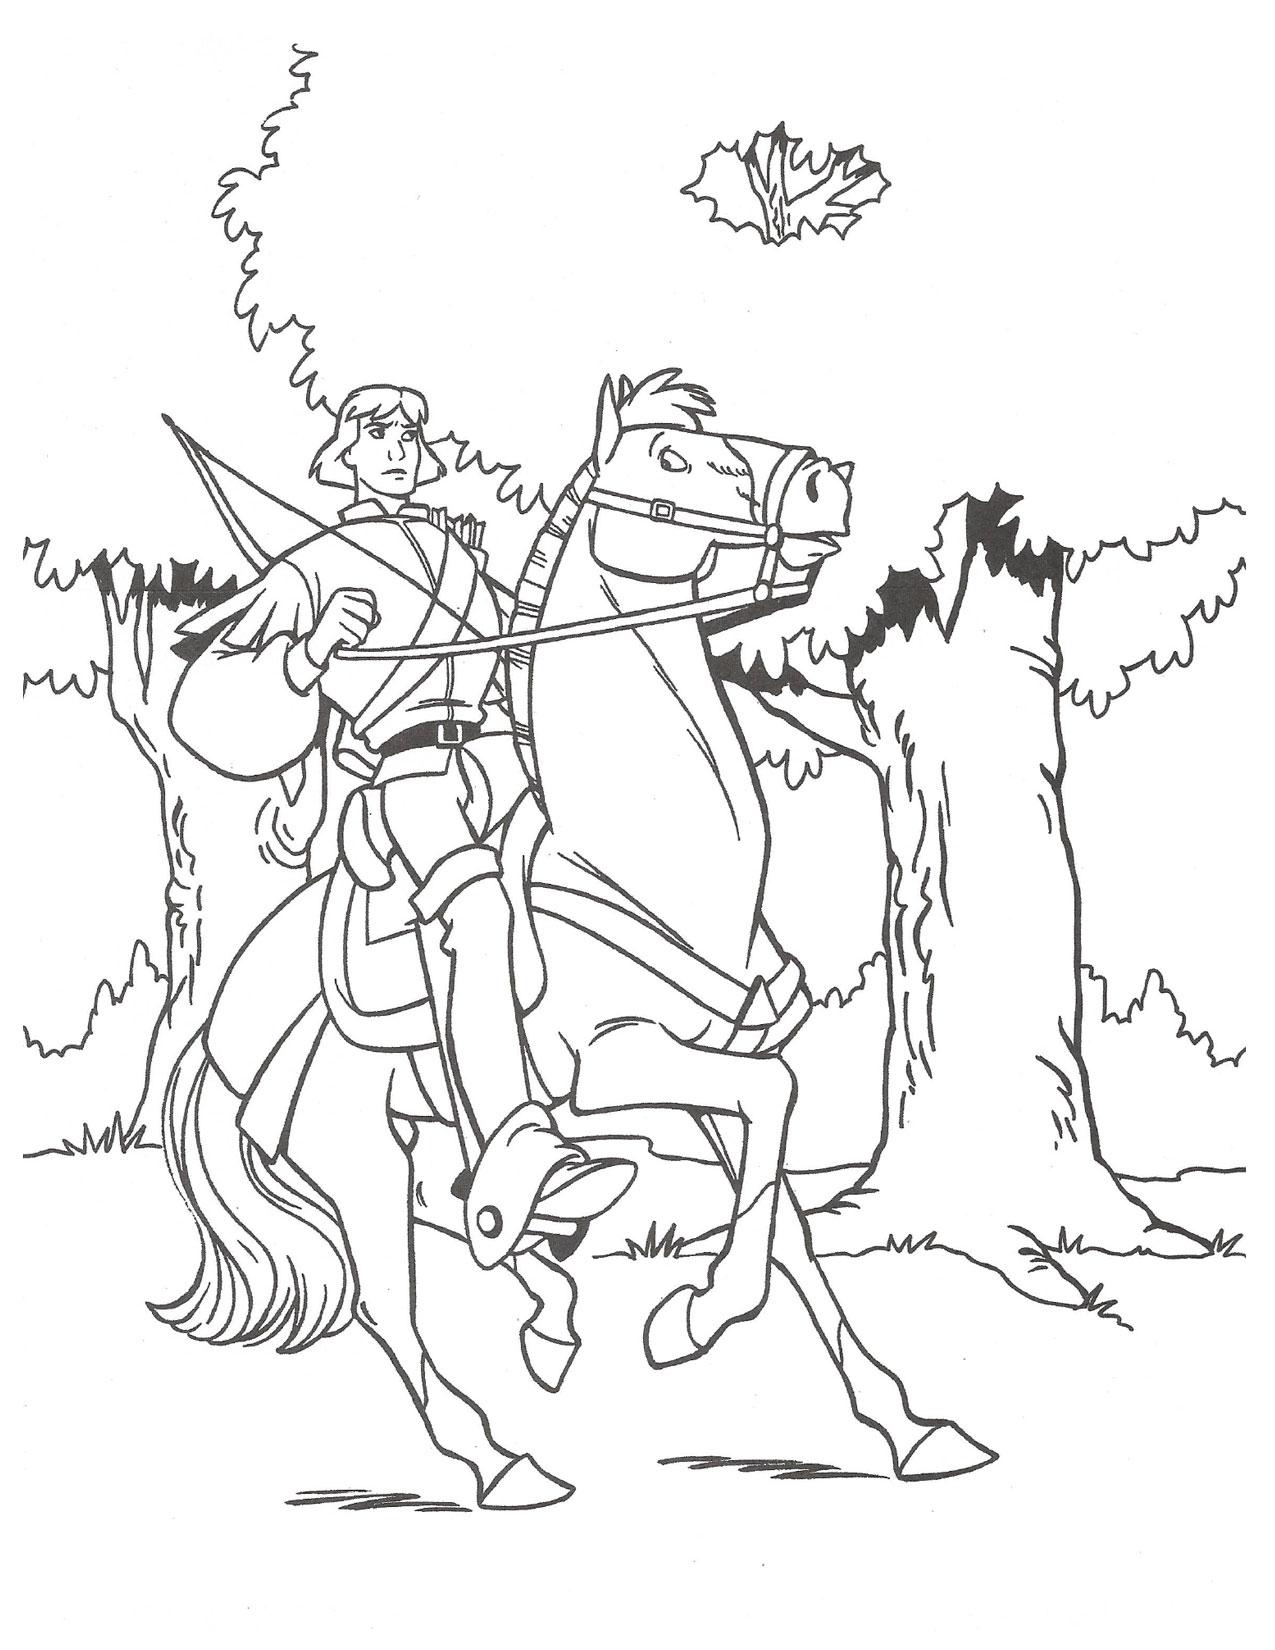 Swan Princess Prince Derek on steed coloring page